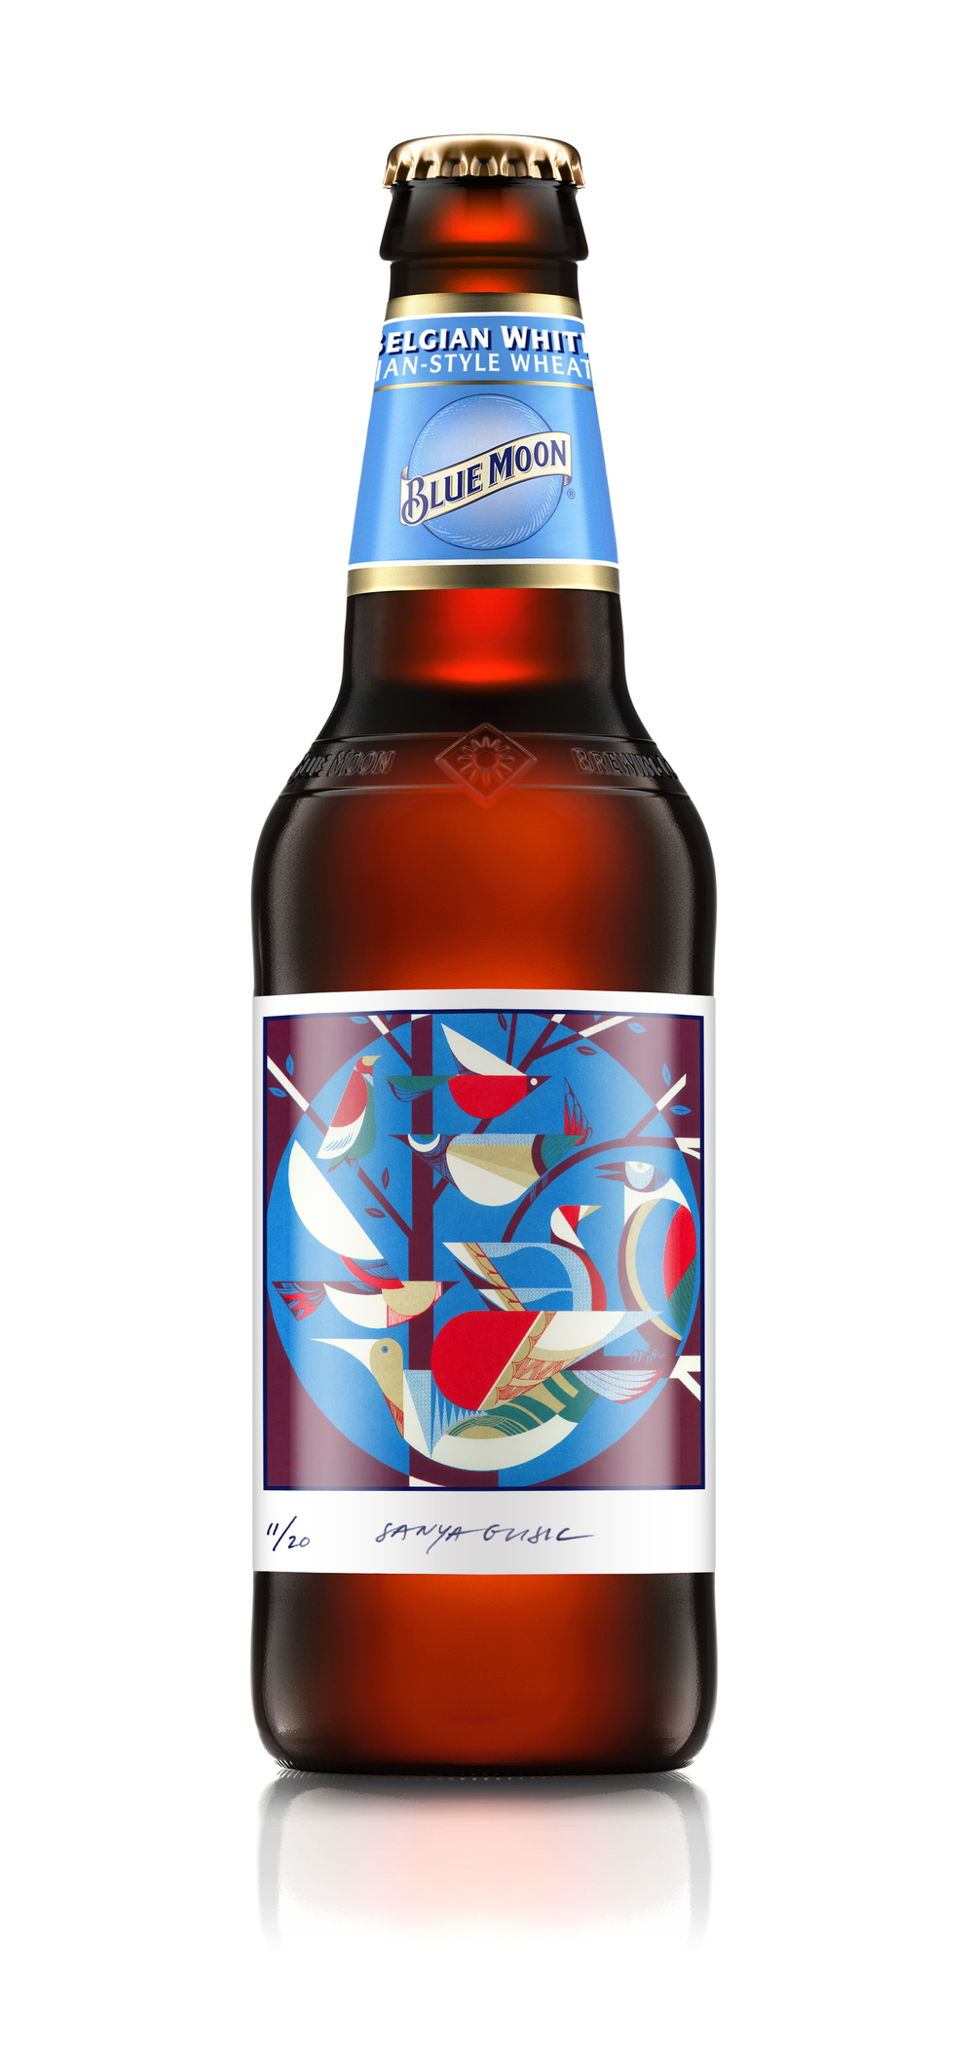 BMO-195A_Bottle_12z_Render_SanyaGlisic_150401_FJ.jpg